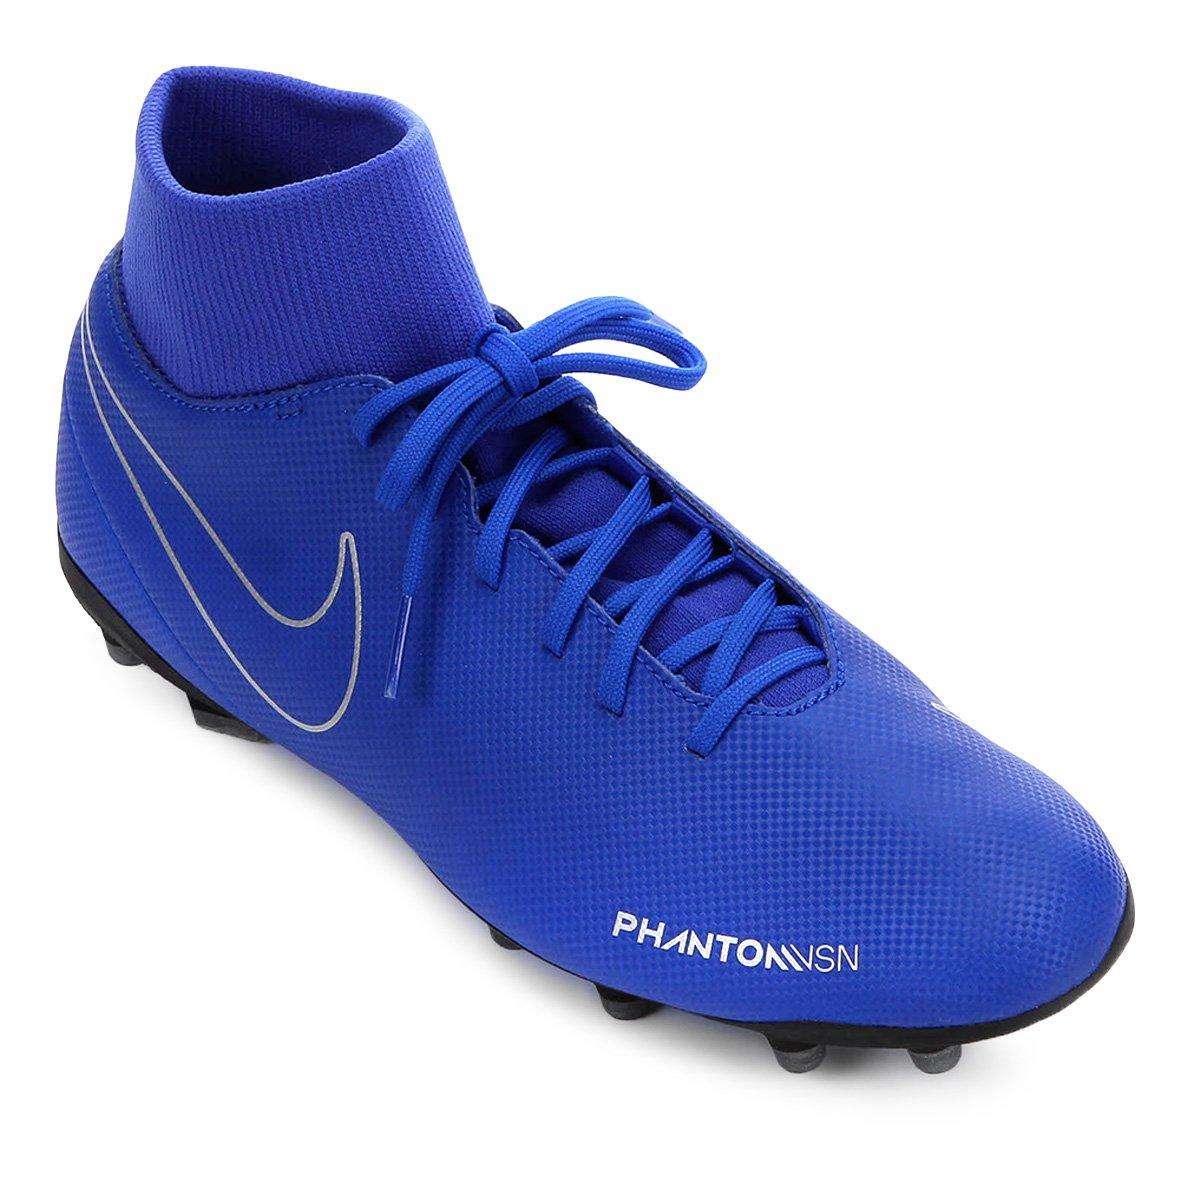 Chuteira Campo Nike Phantom Vision Club FG - Azul e Preto - Compre ... ea16e21e4a27f